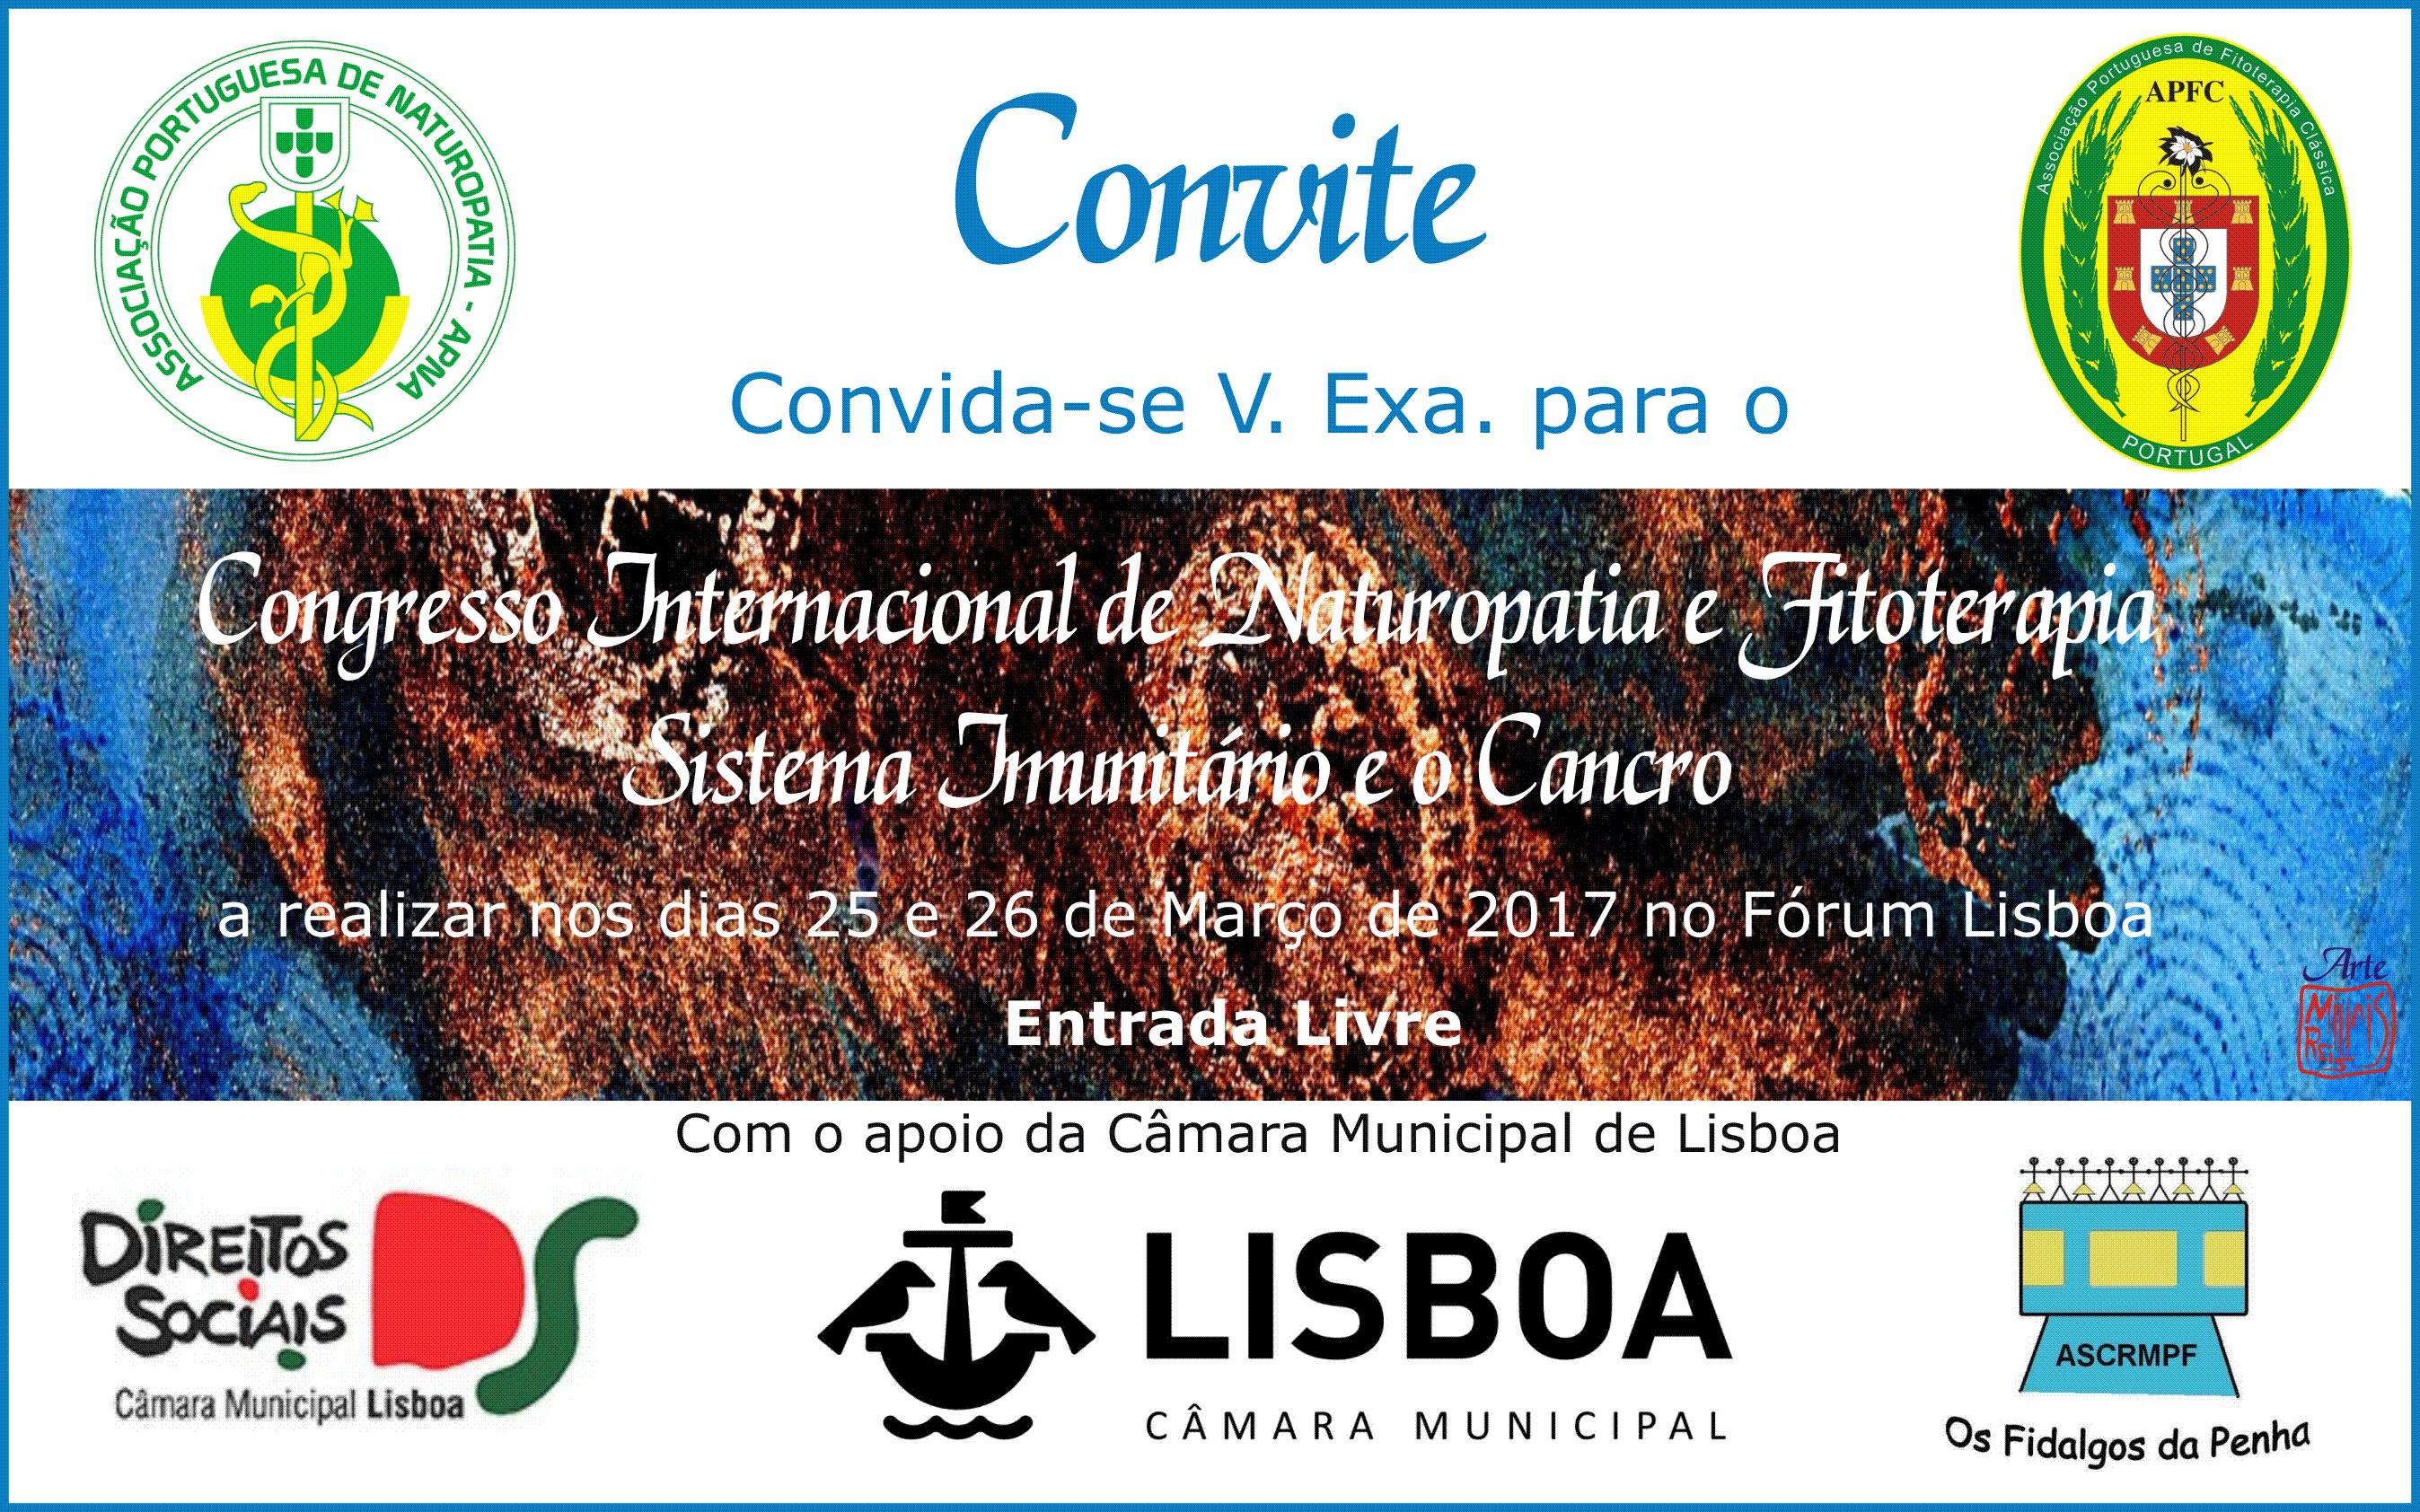 convite apoio CML